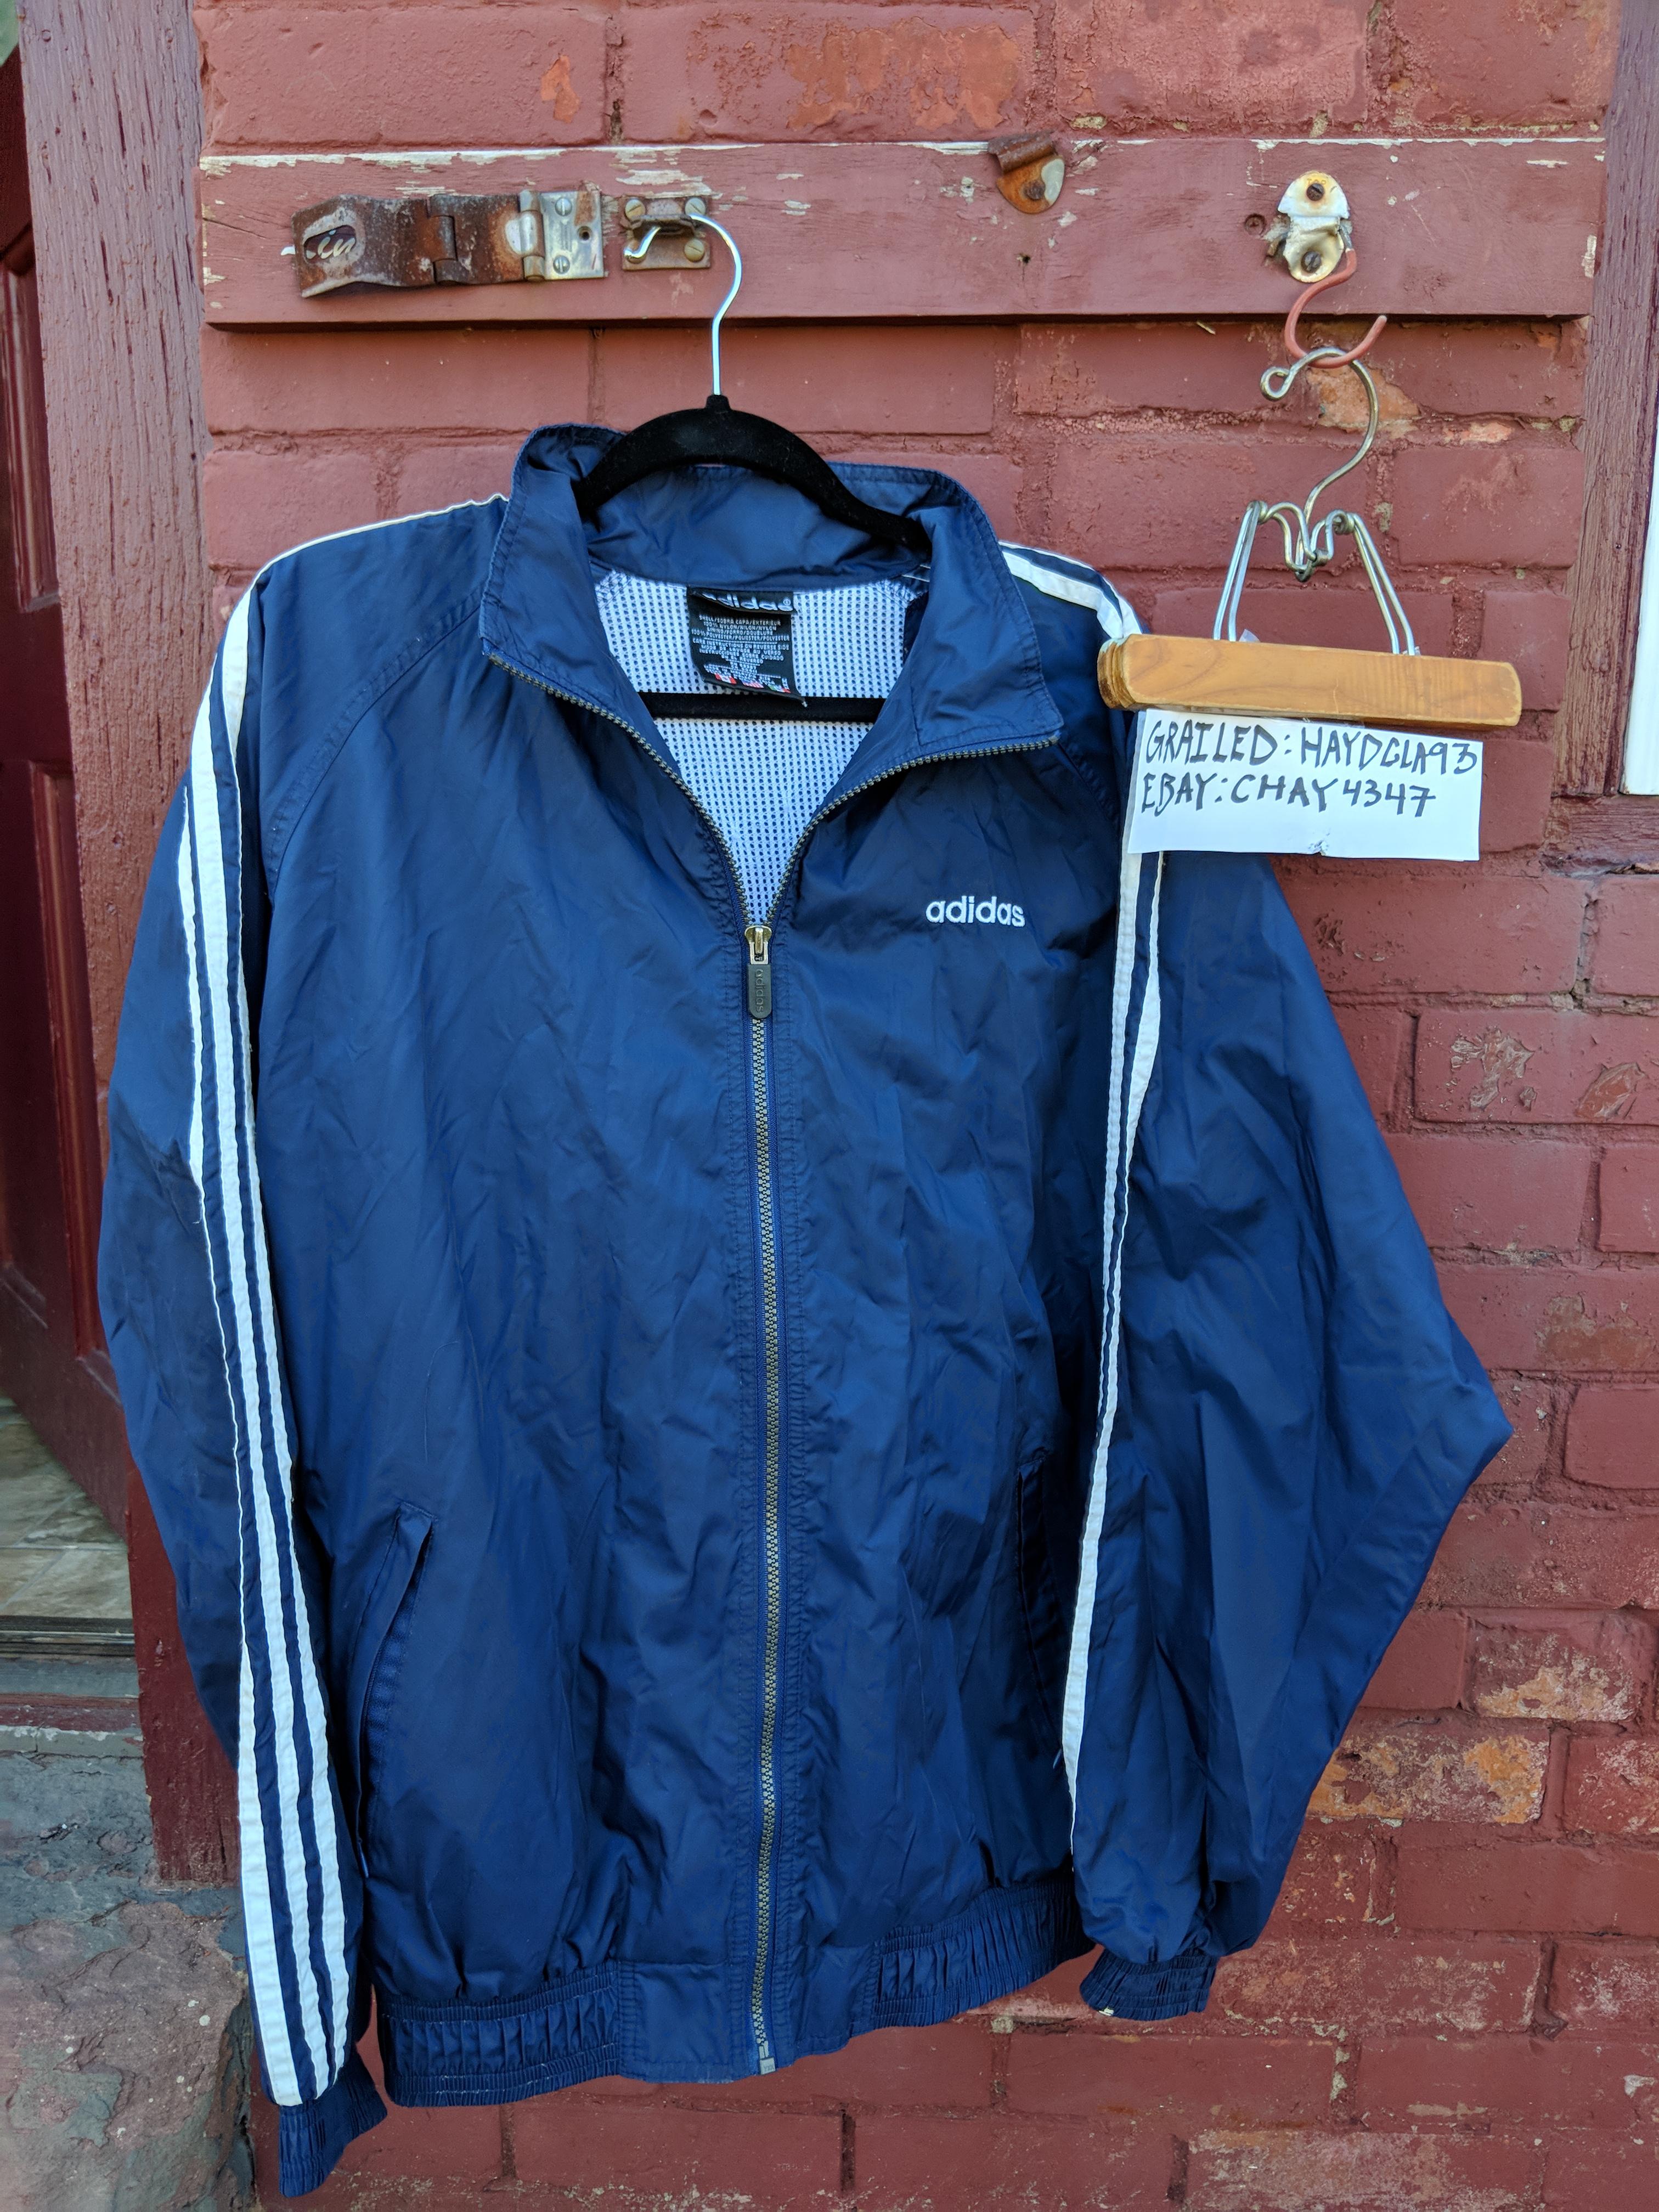 b461afcbb089 Adidas × Vintage. Vintage Adidas Full Zip Hooded Track Jacket